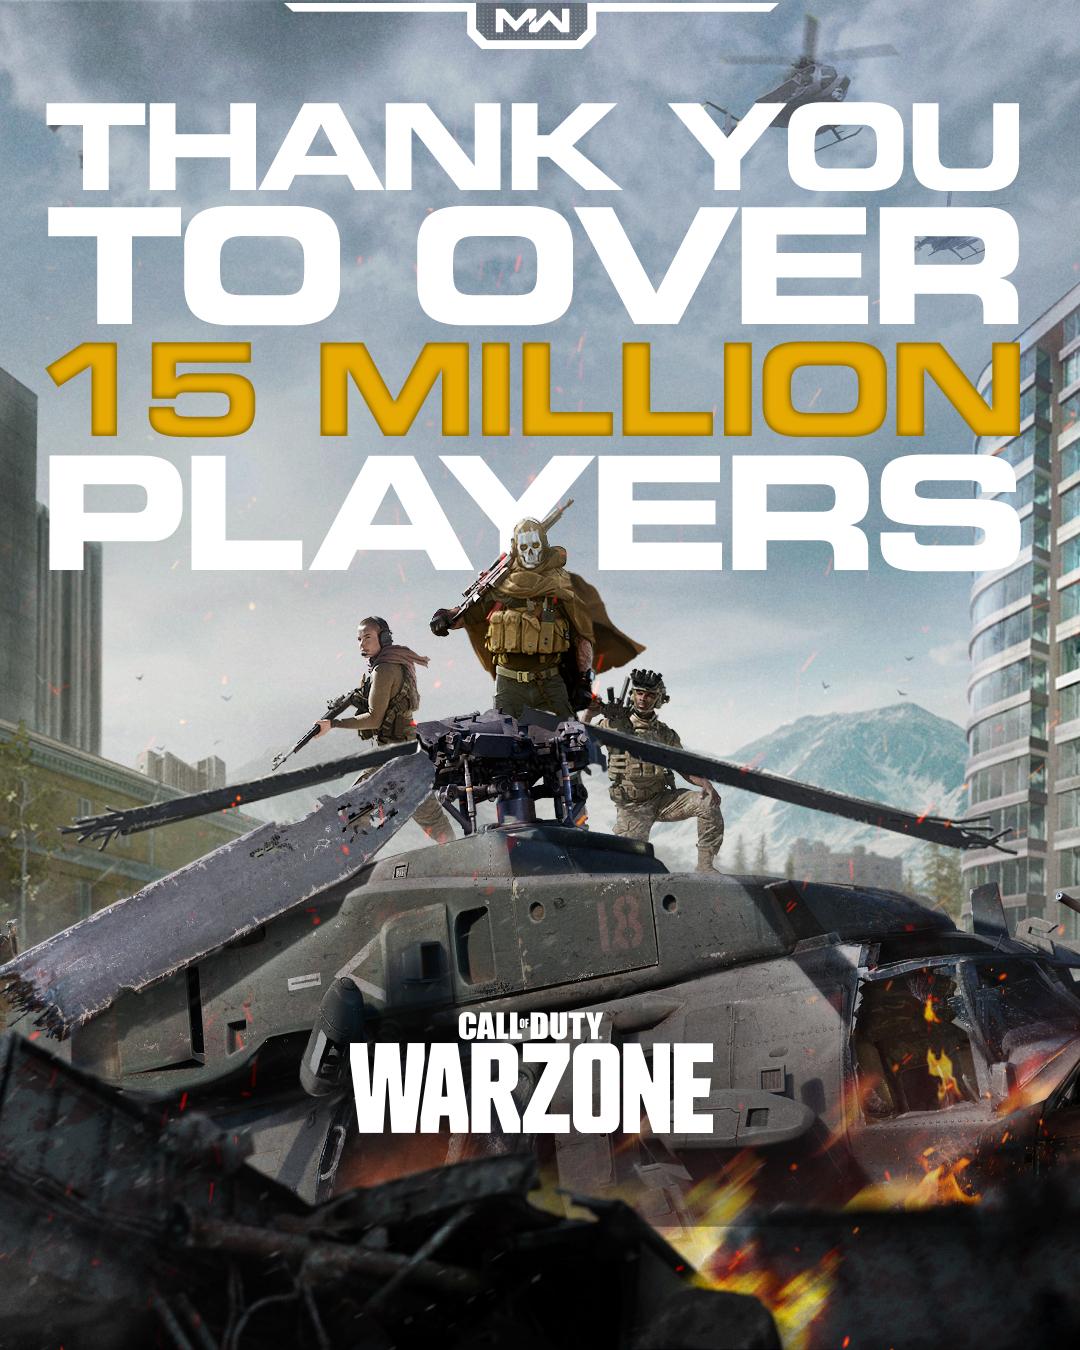 《使命召唤16》大逃杀继续火爆 全球玩家已超1500万